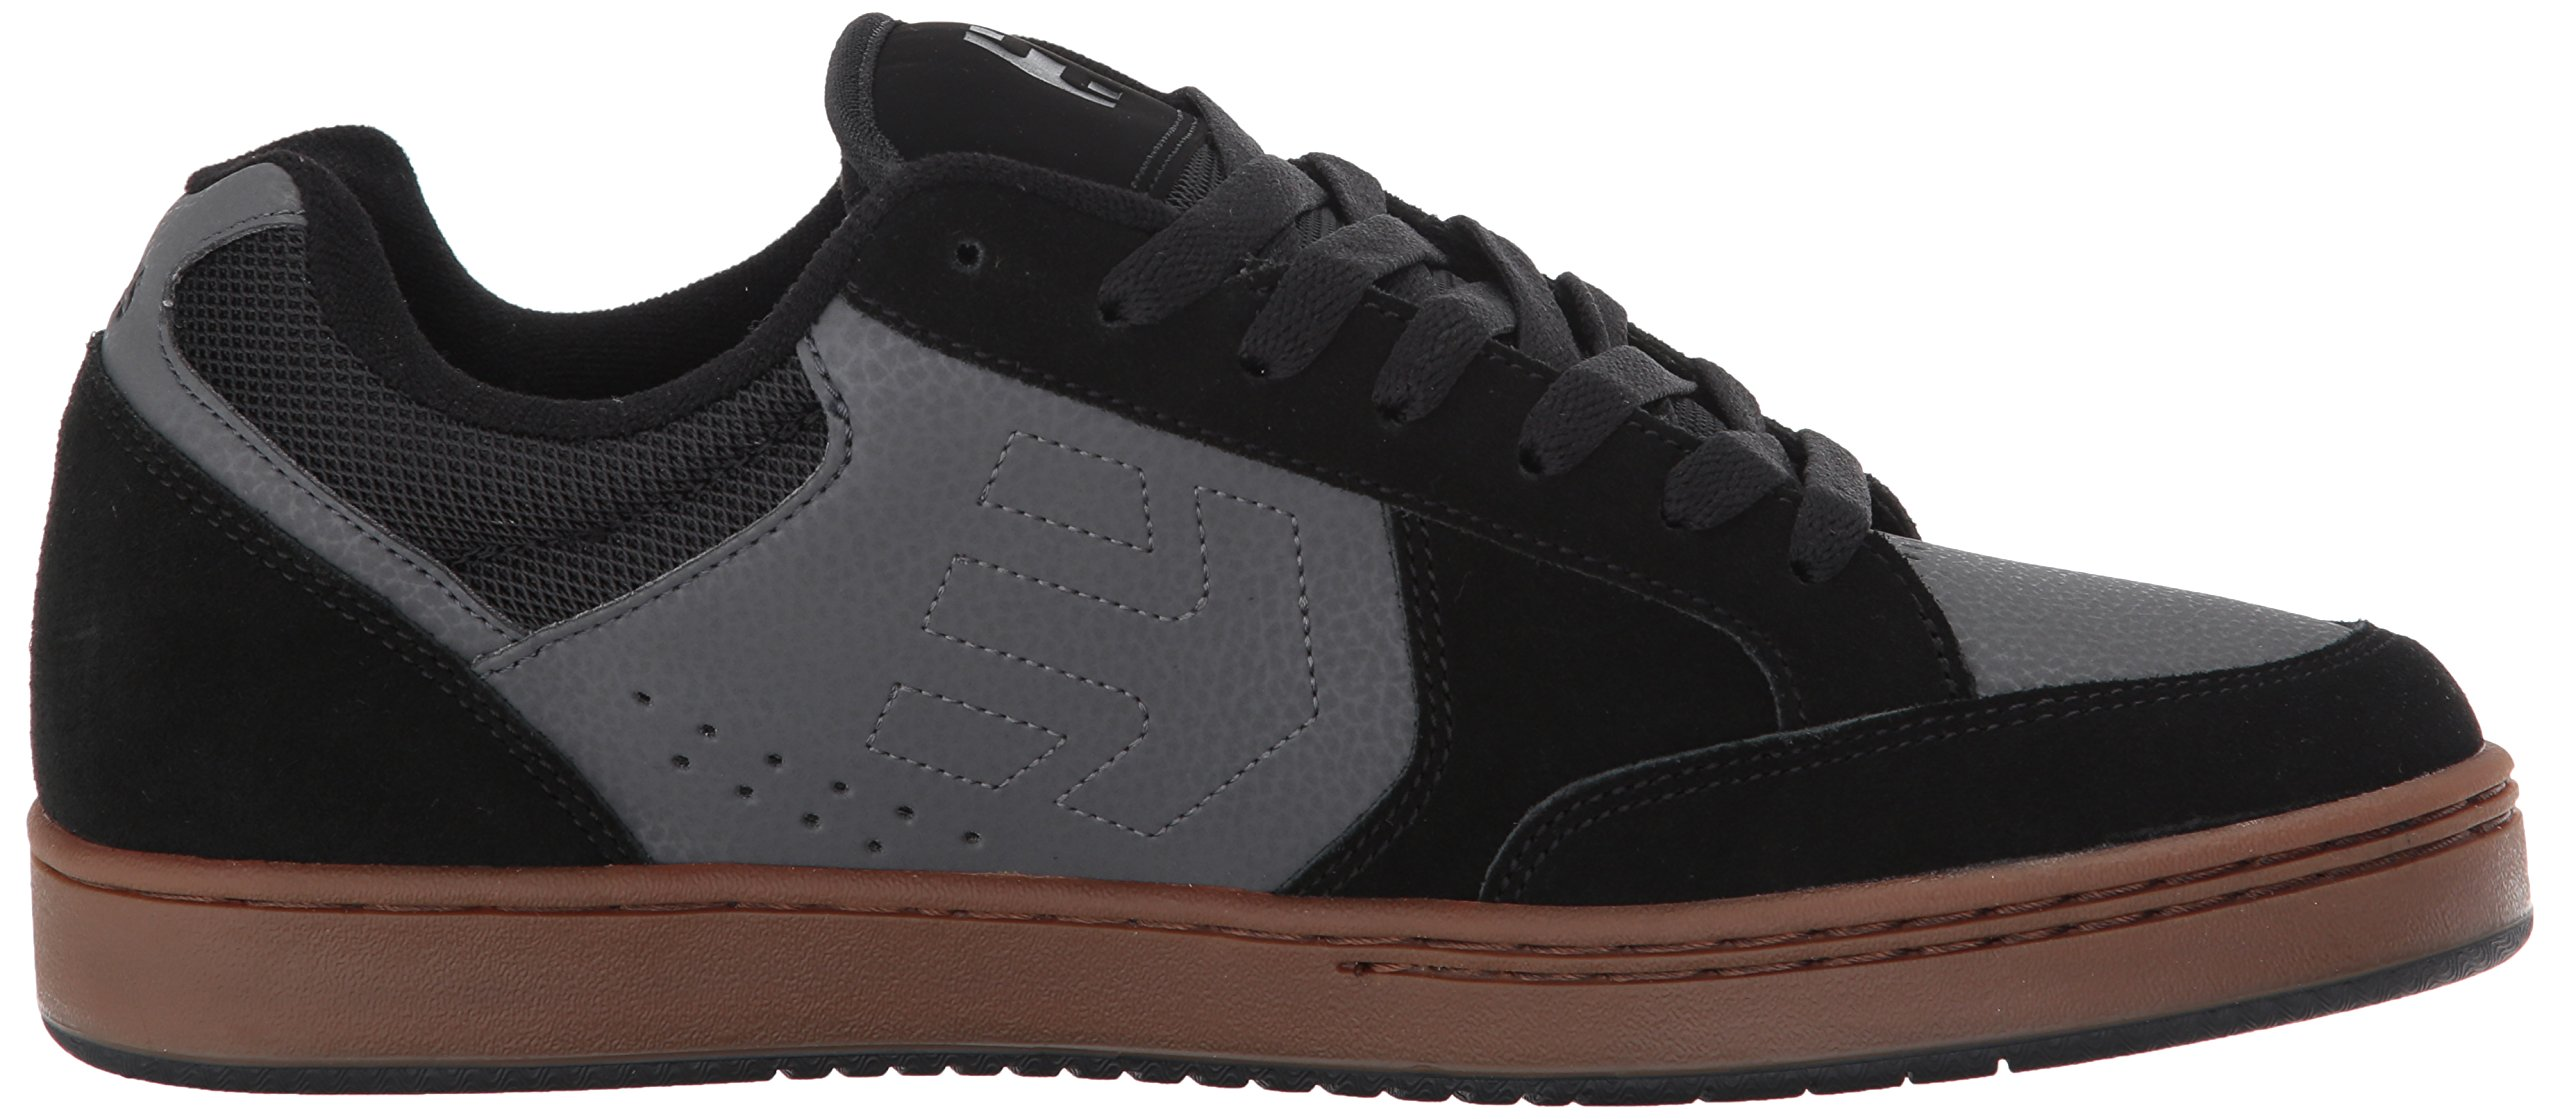 etnies swivel skate shoe